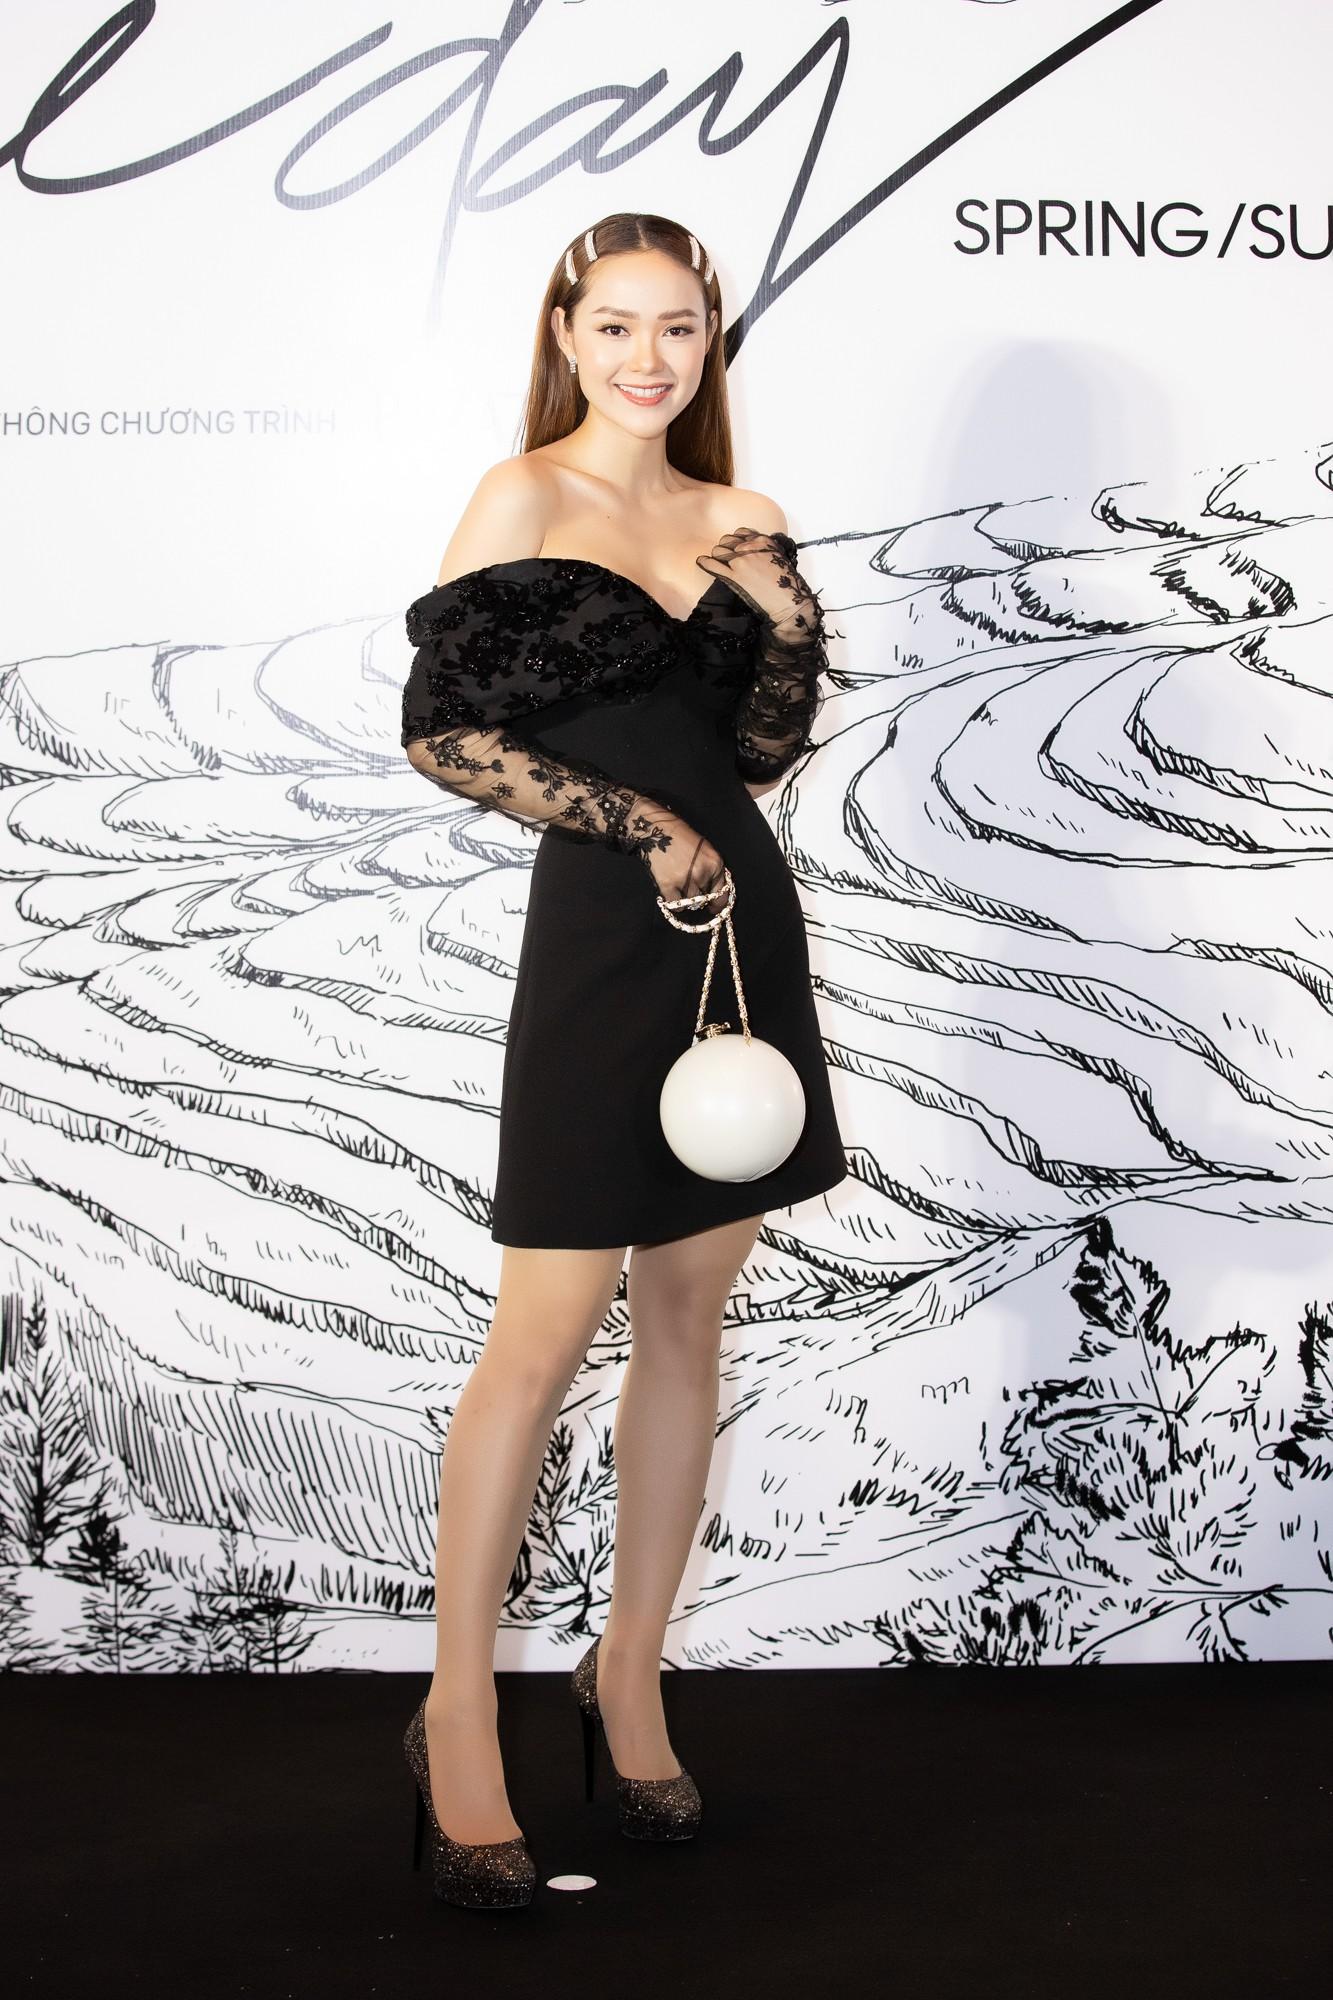 Giữa một dàn mỹ nhân giật giũ như Hari và Jun Vũ, Hoa hậu Đặng Thu Thảo giản dị mà vẫn trội bật - Ảnh 18.